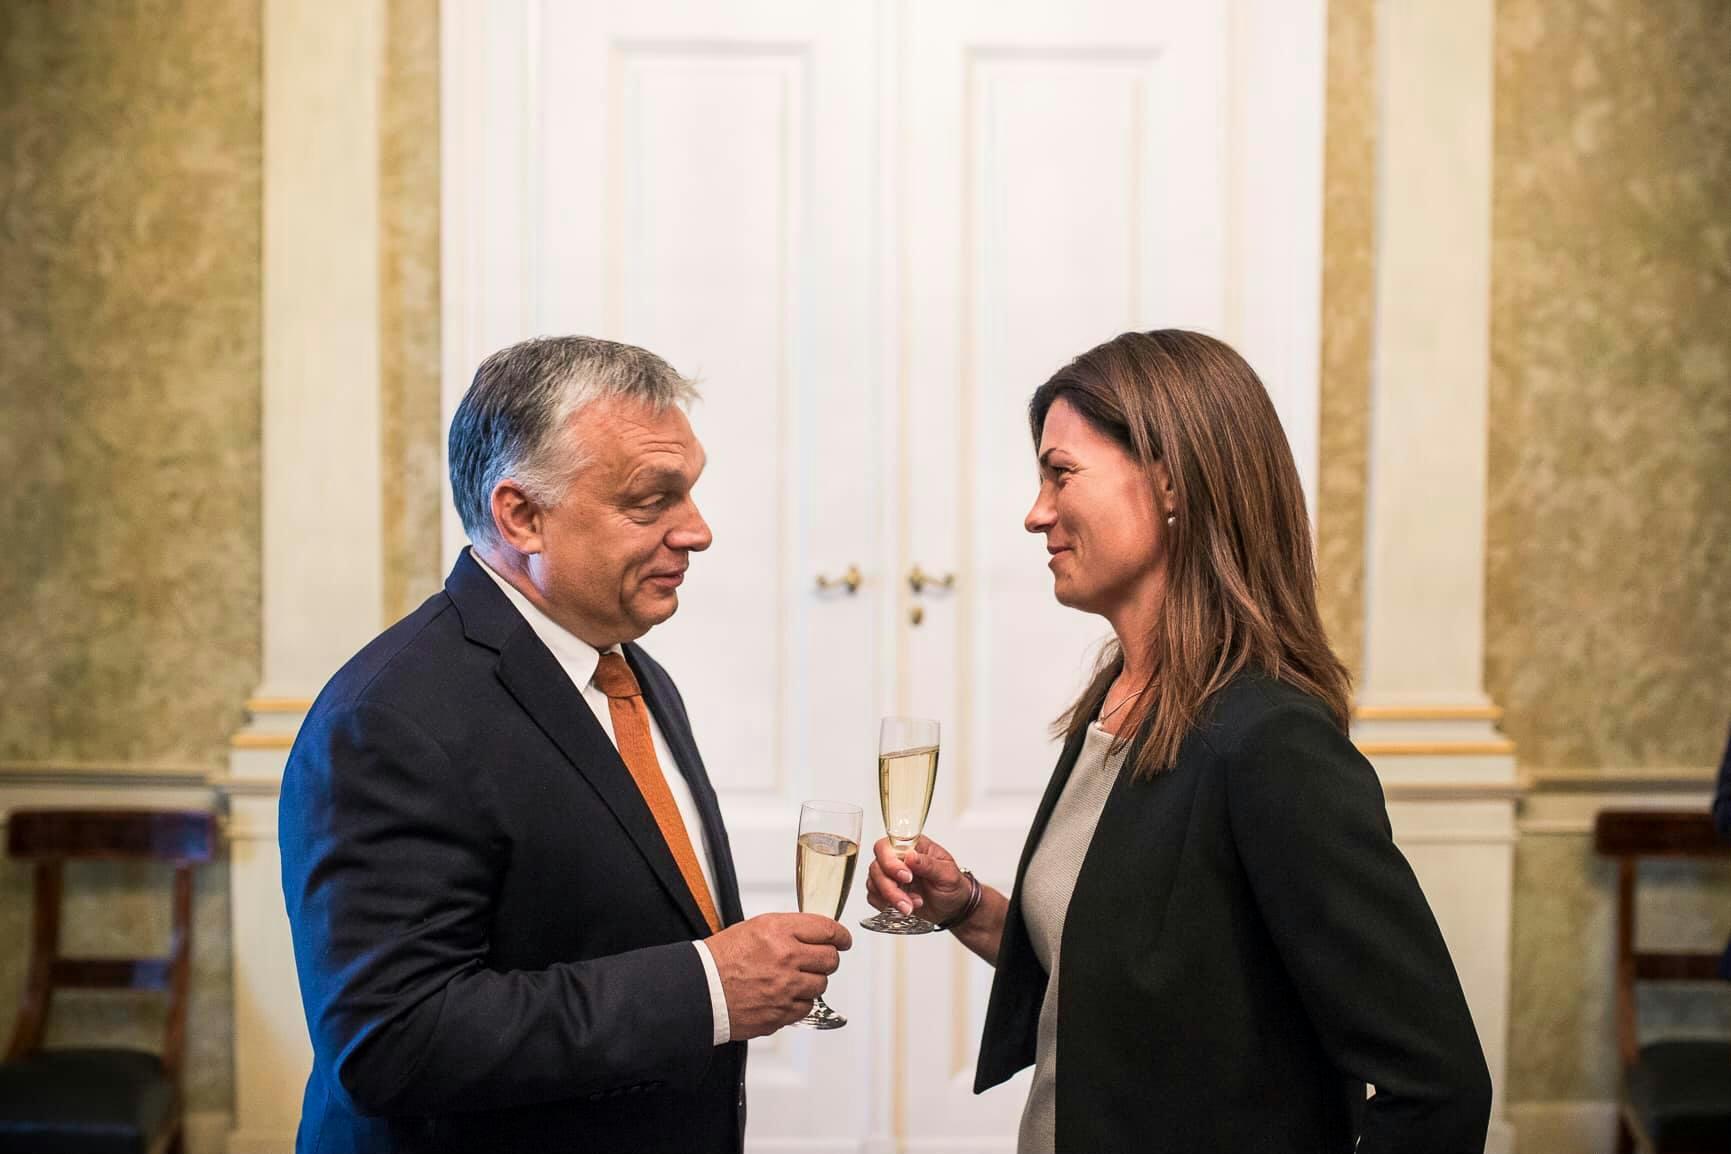 Mit mond el az Orbán-rendszer átalakulásáról Varga Judit miniszteri  kinevezése? - 444